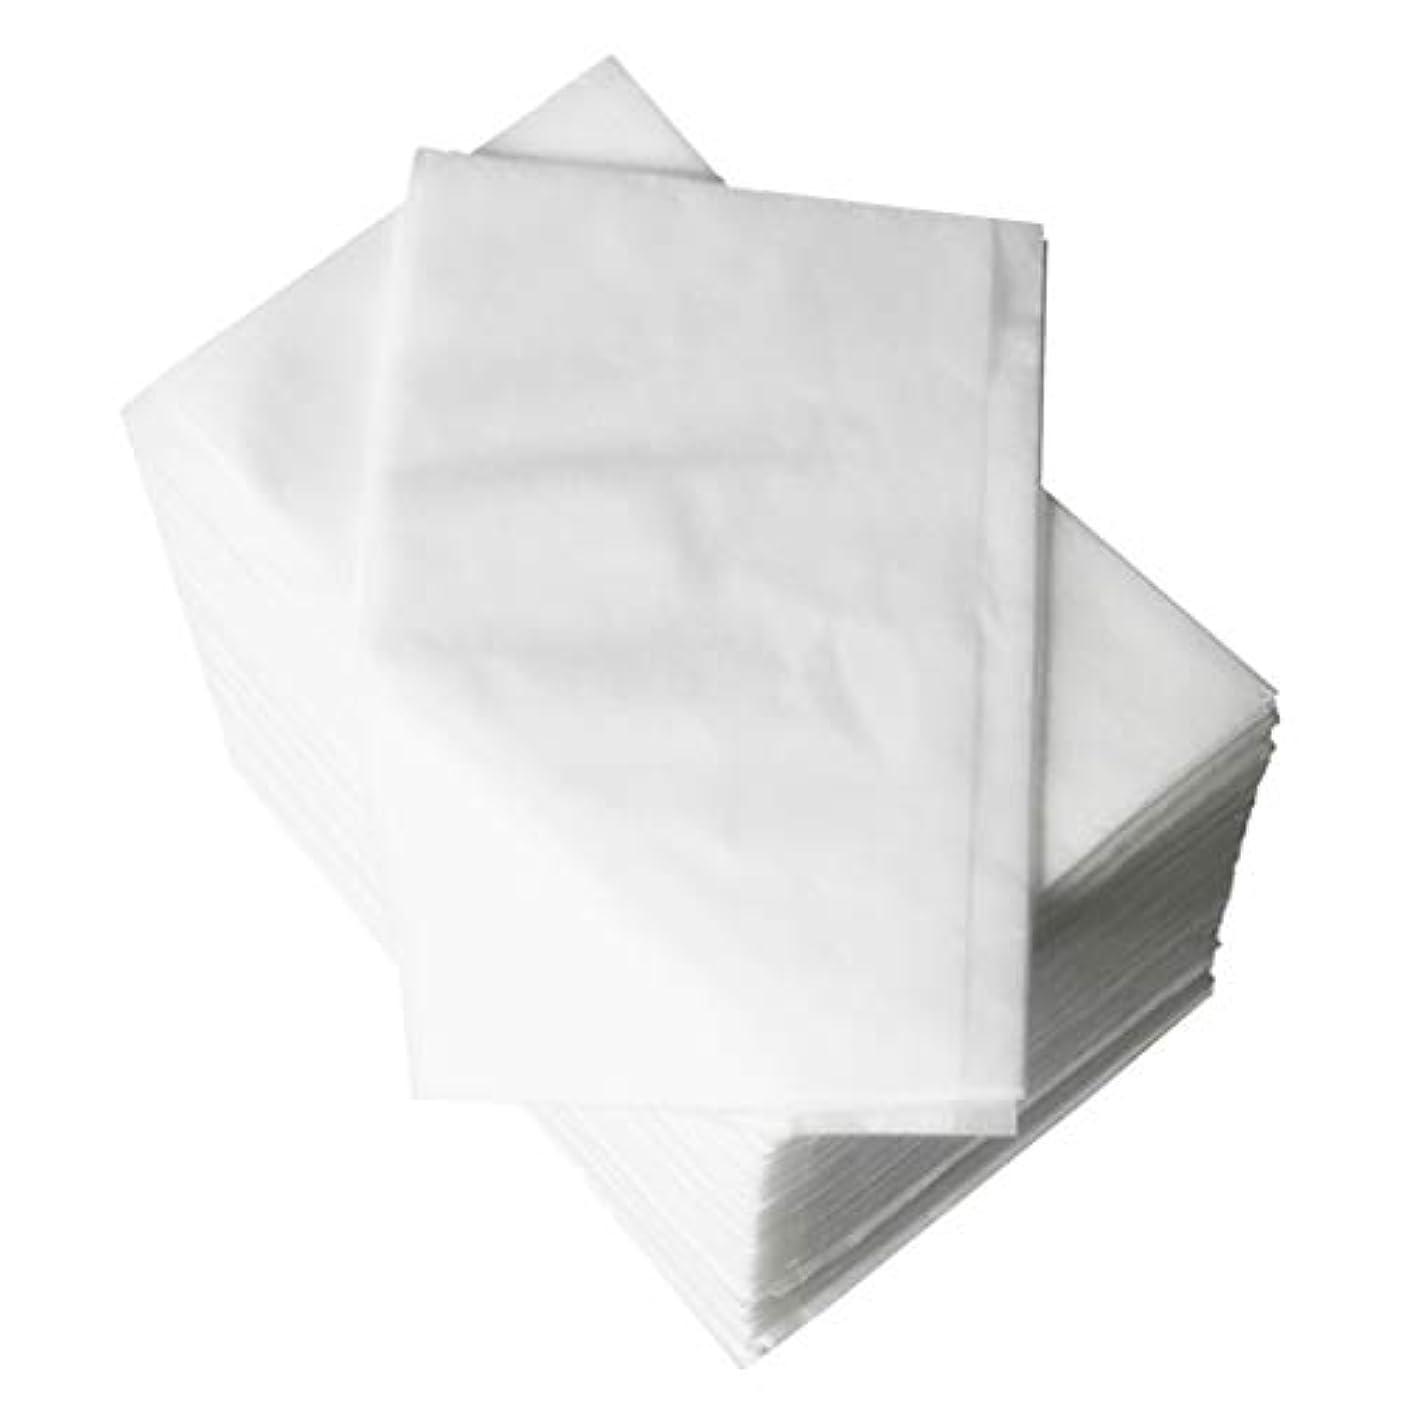 リア王師匠硫黄使い捨てベッドシーツ 美容シーツ 約80 x 180 cm 約100個 全2色 - 白